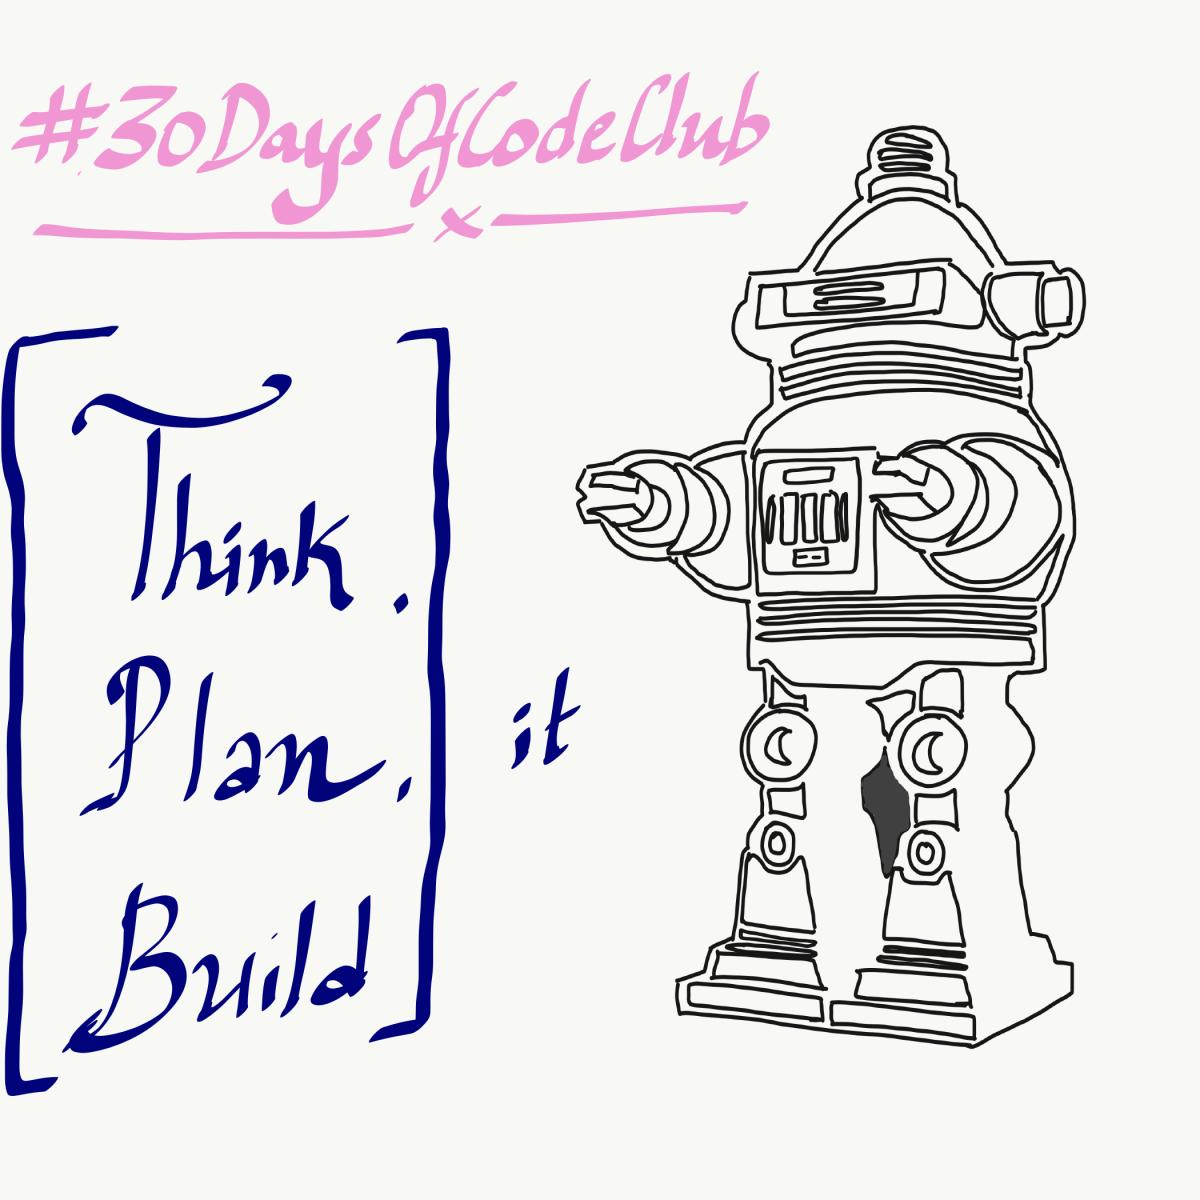 Think it, plan it, build it